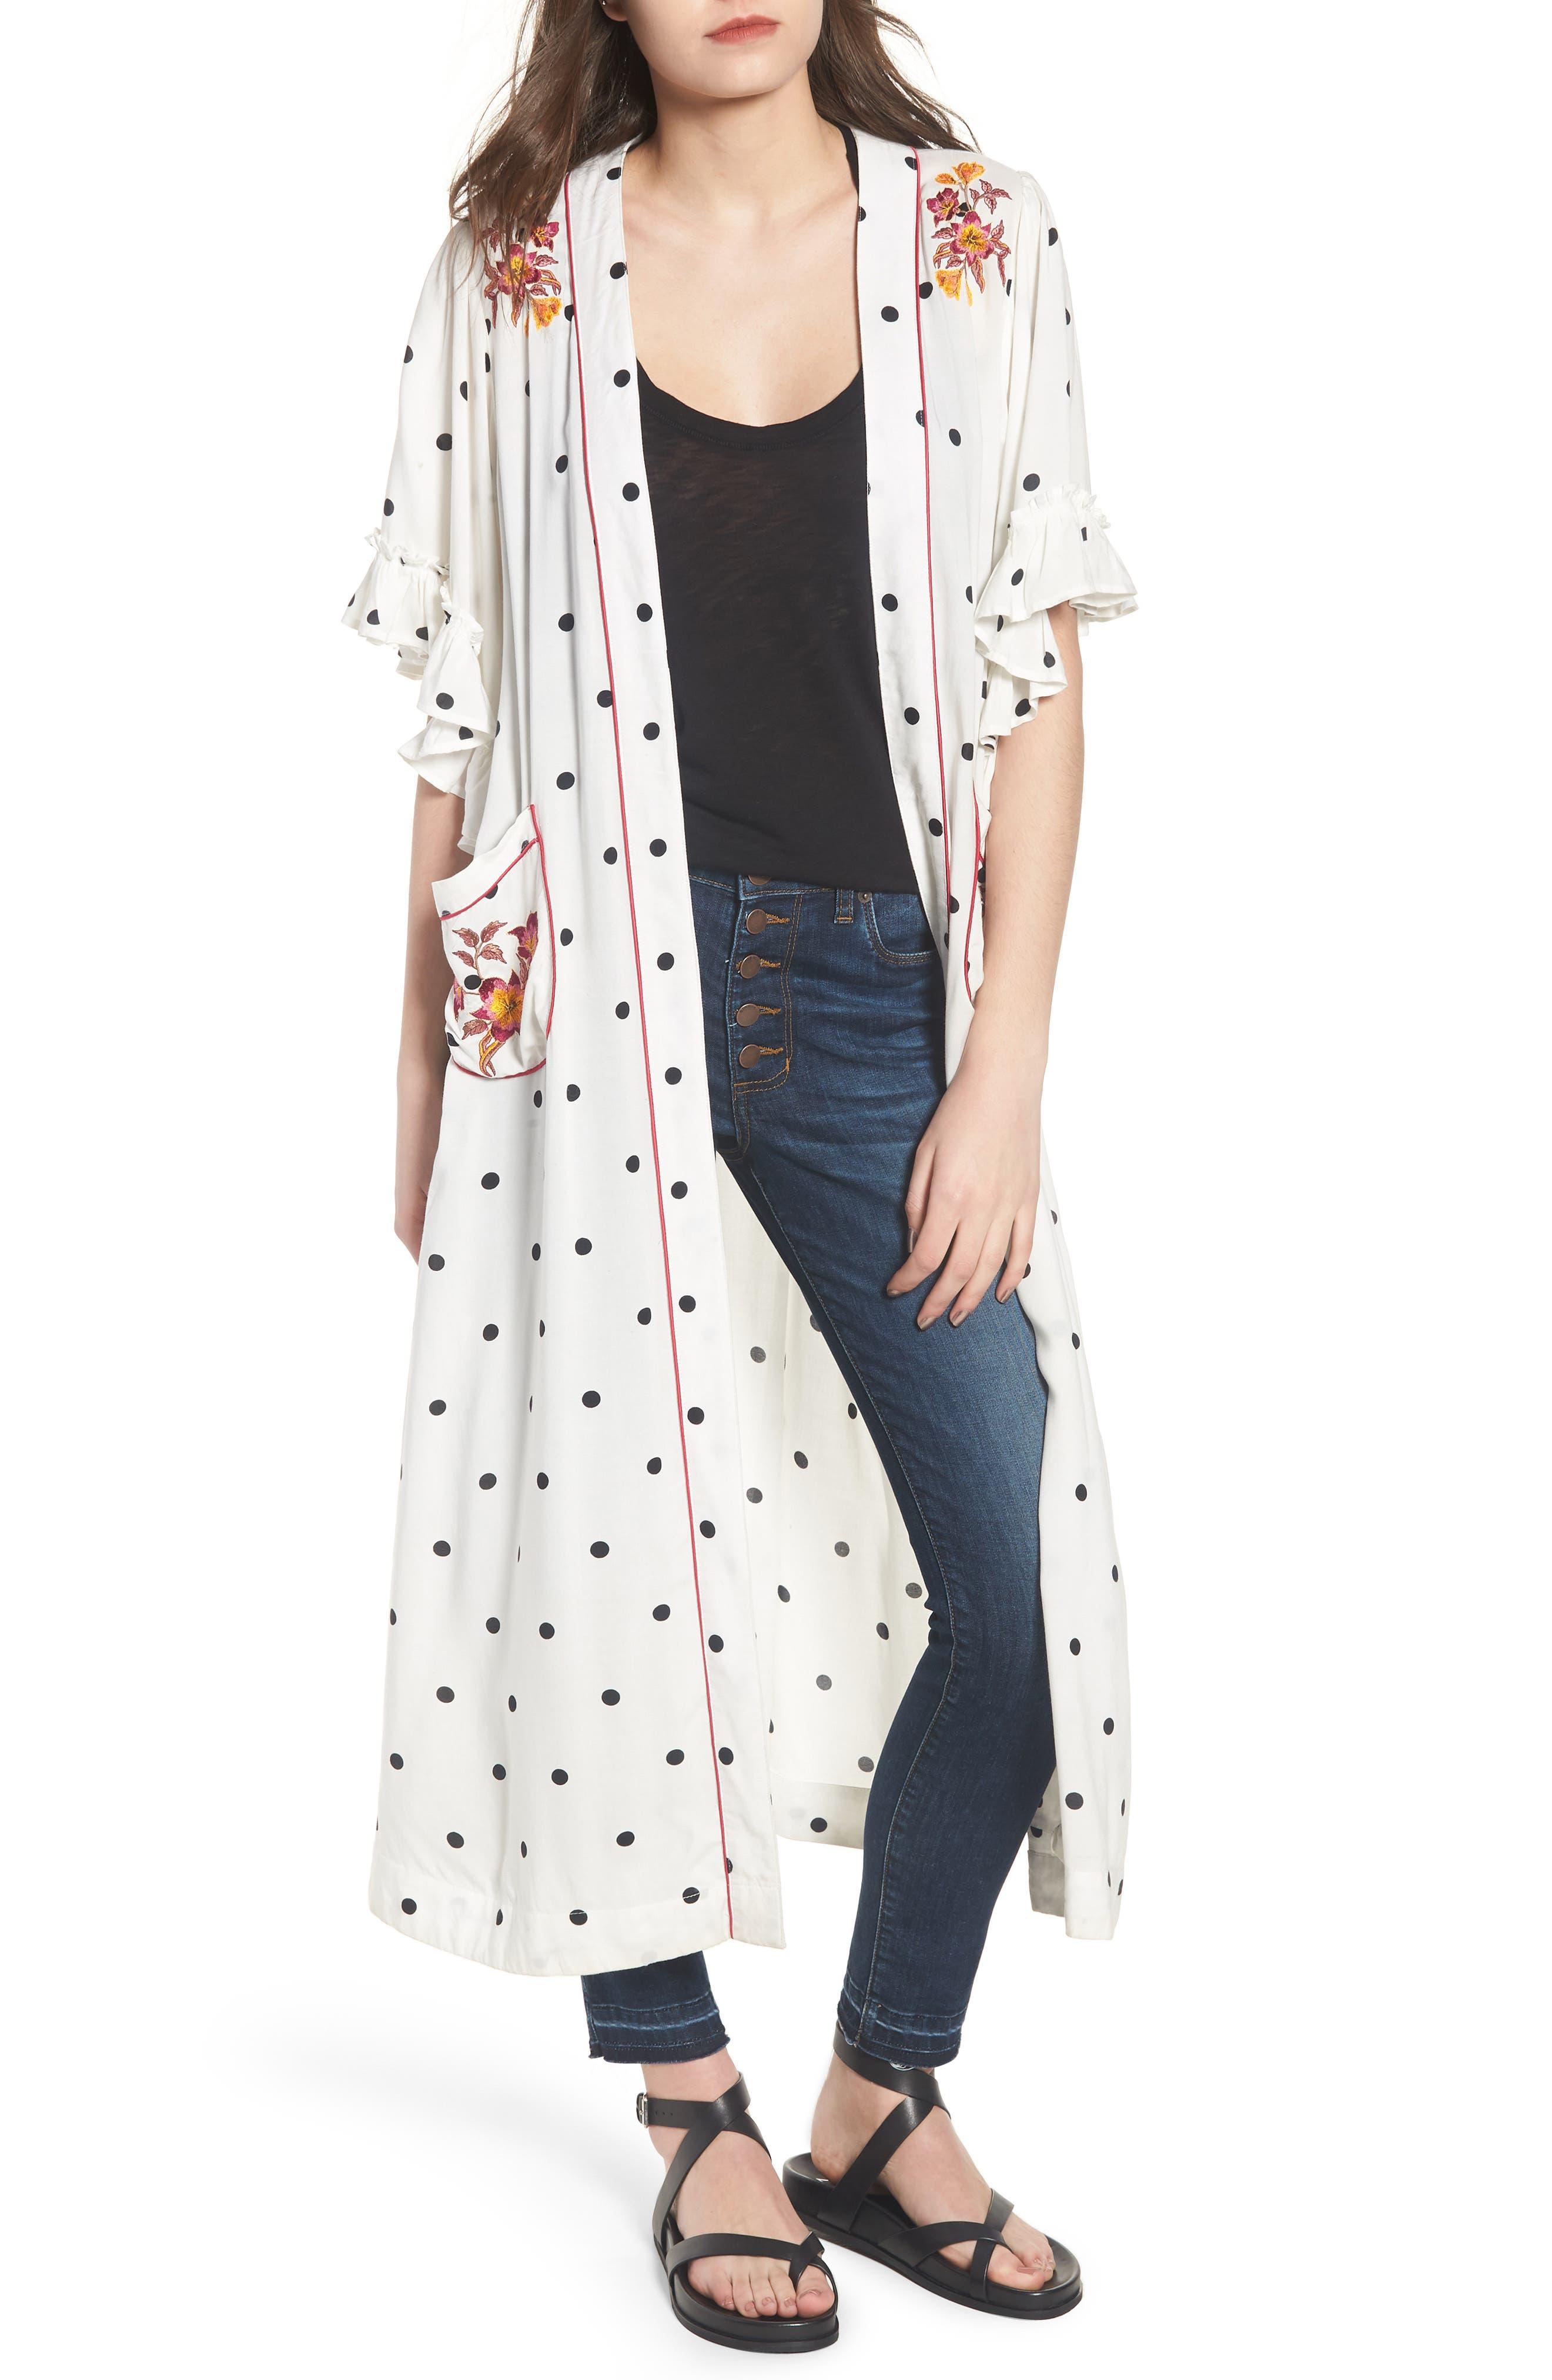 Hot Spot Kimono,                         Main,                         color, Black/ White Polka Dot Print